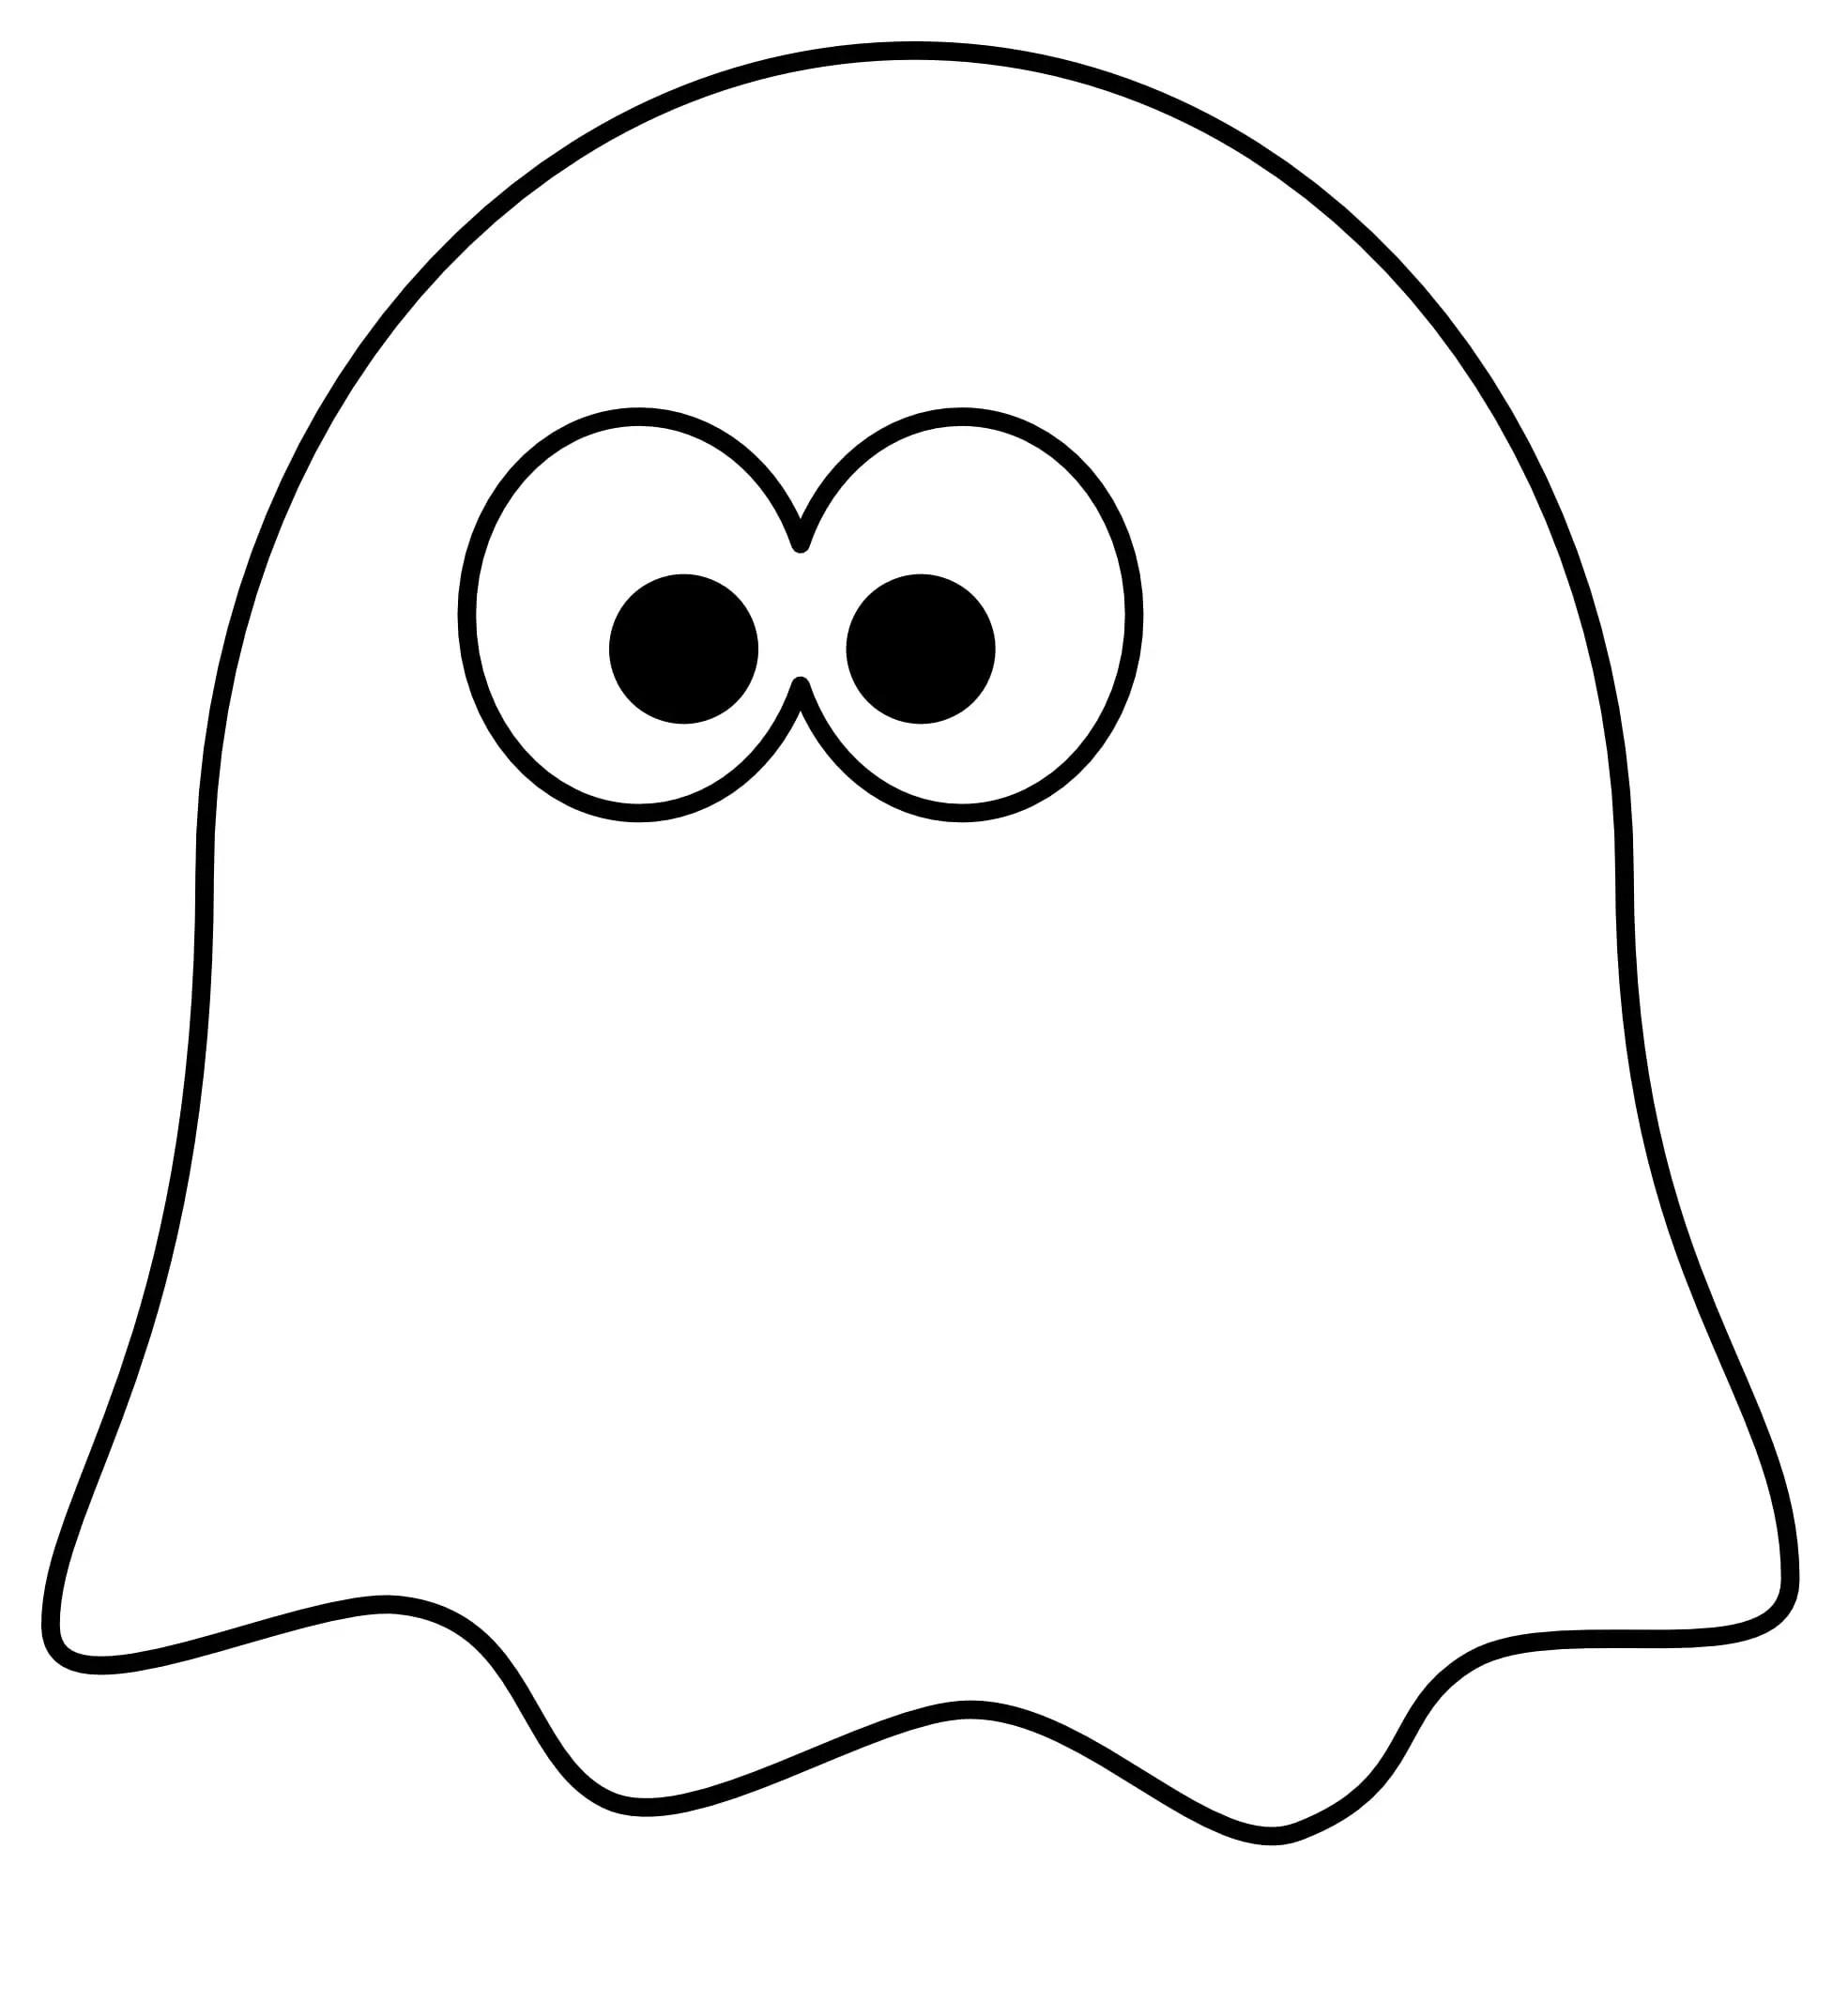 Dibujos de fantasmas para iluminar - Dibujos de pared para ninos ...